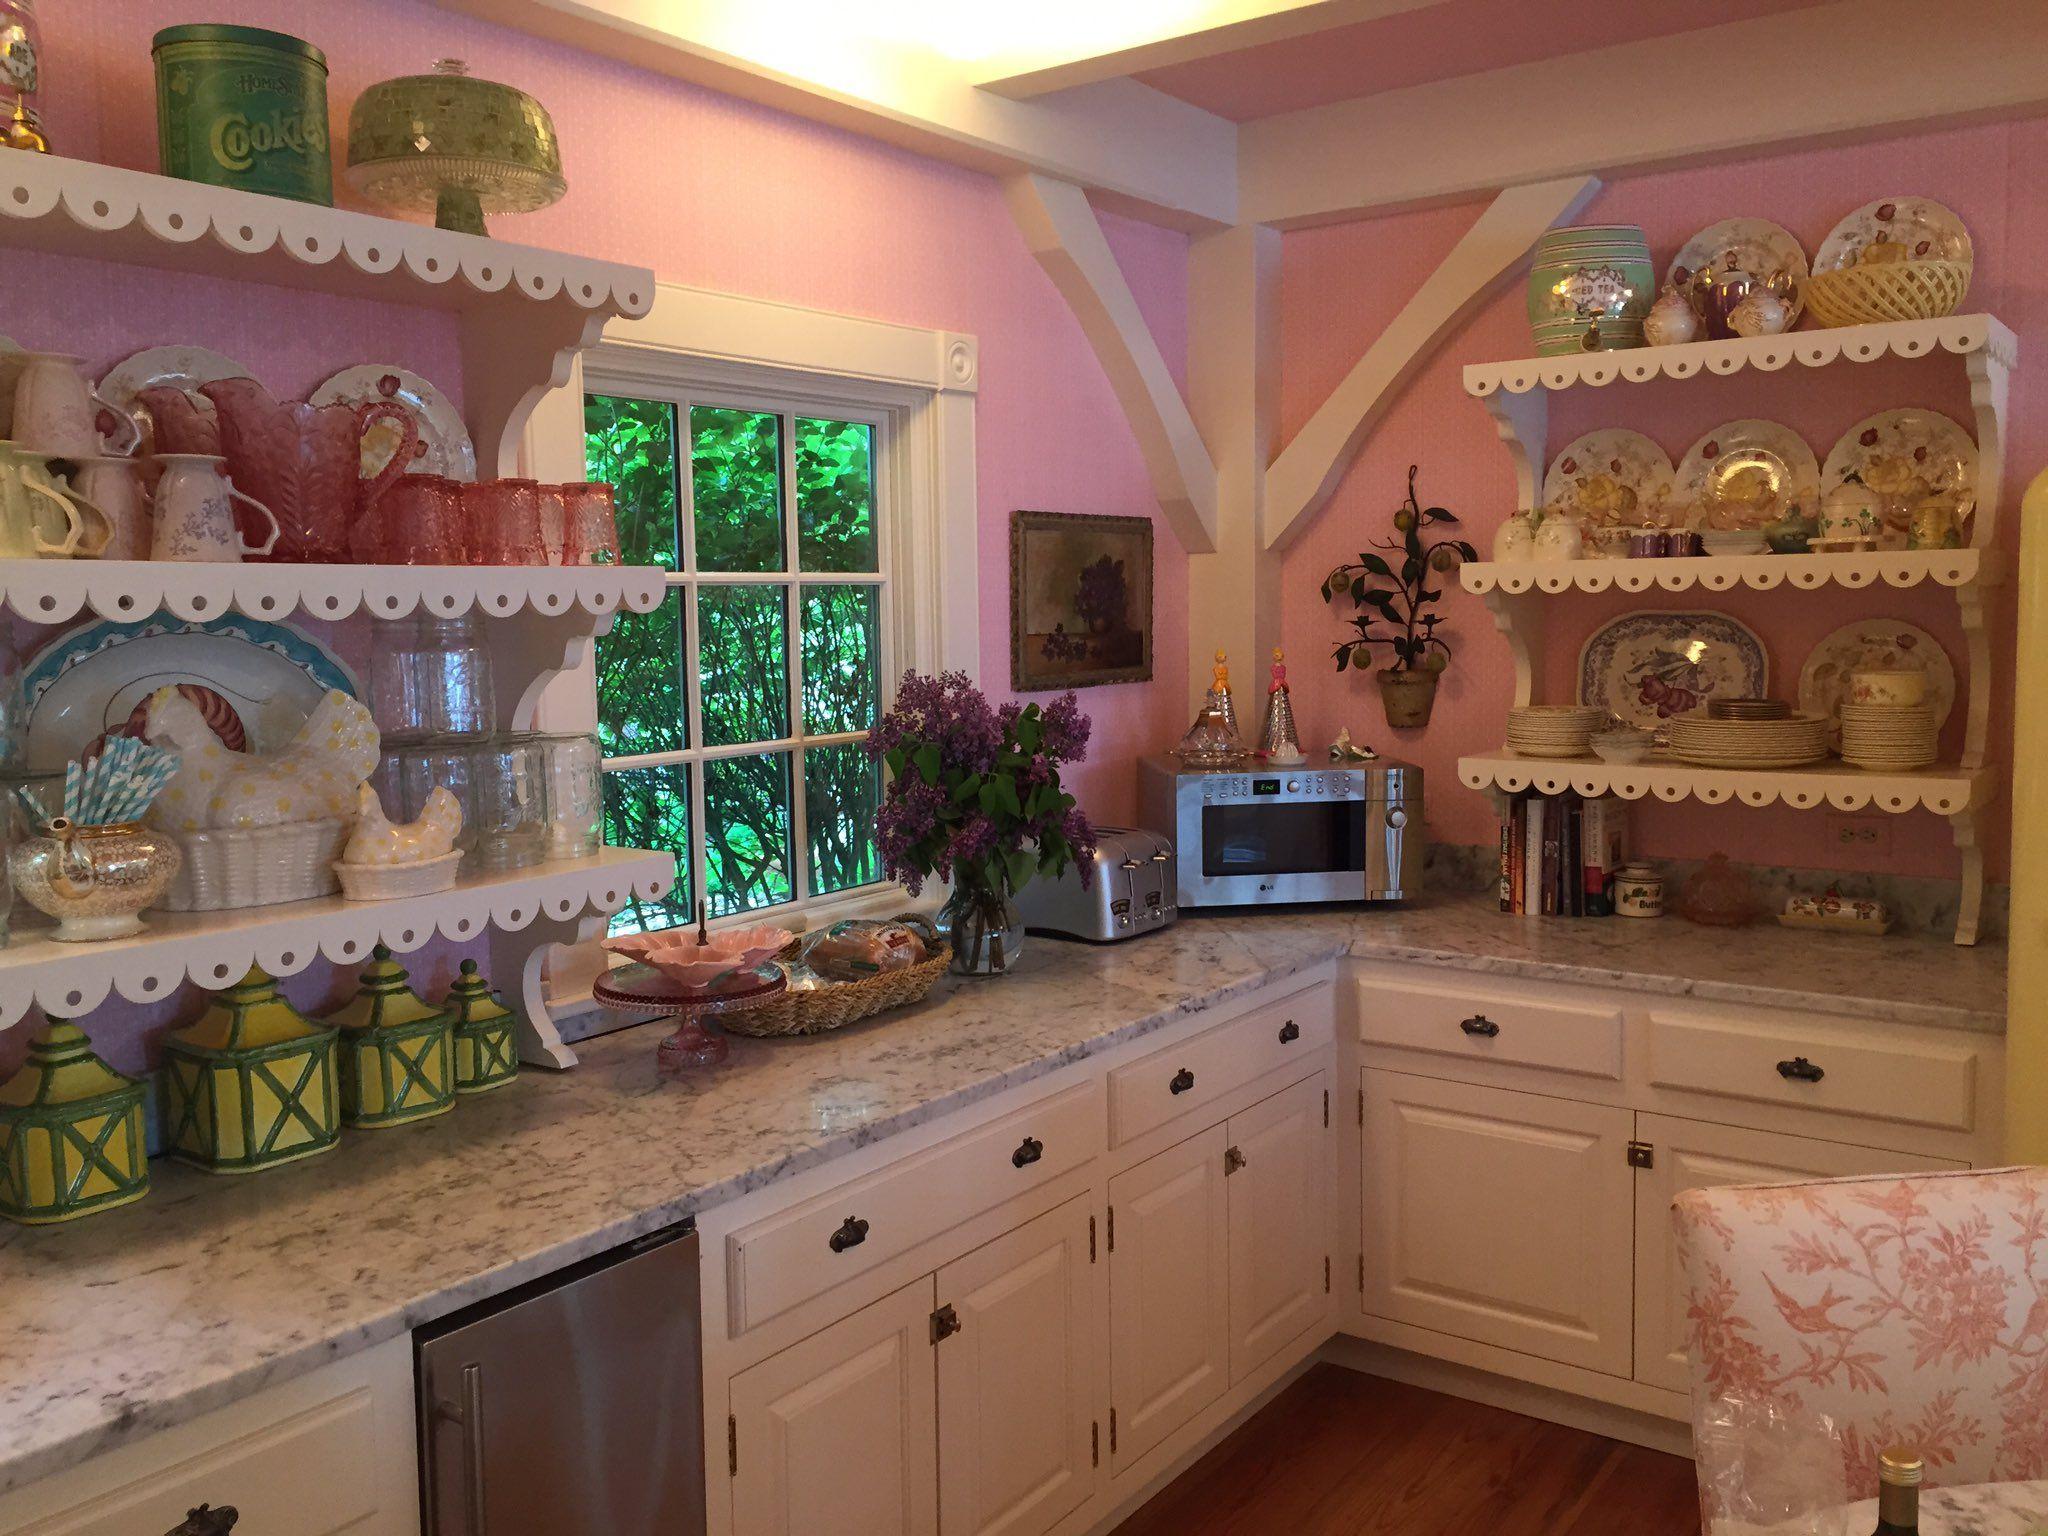 Kirstie Alley's house | Kitchen, Kitchen cabinets, Kitchen ...